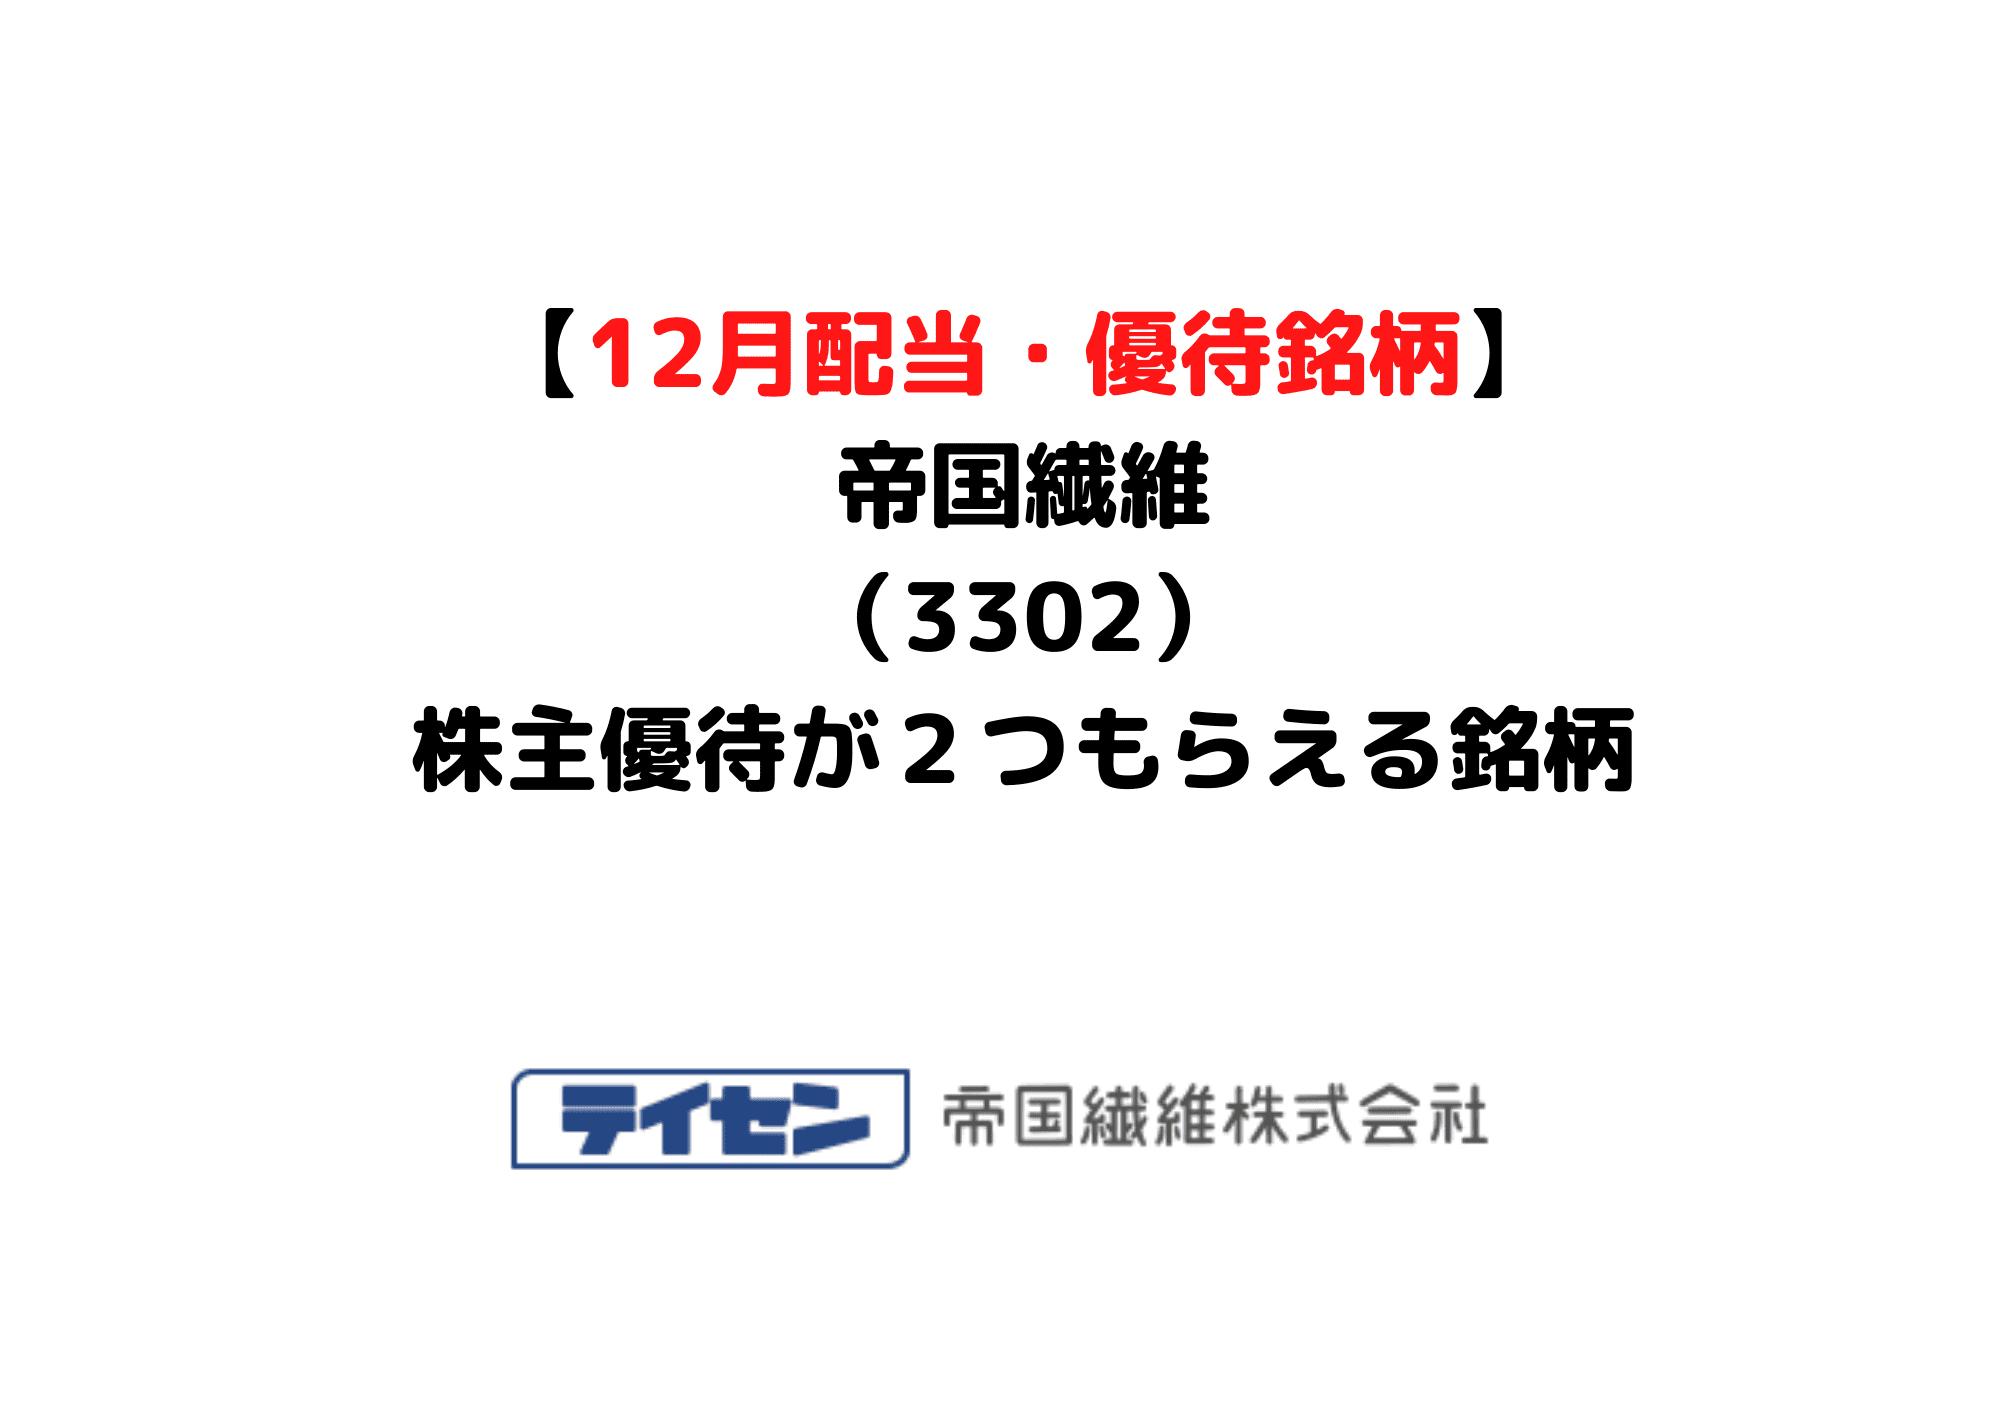 3302 帝国繊維 (1)